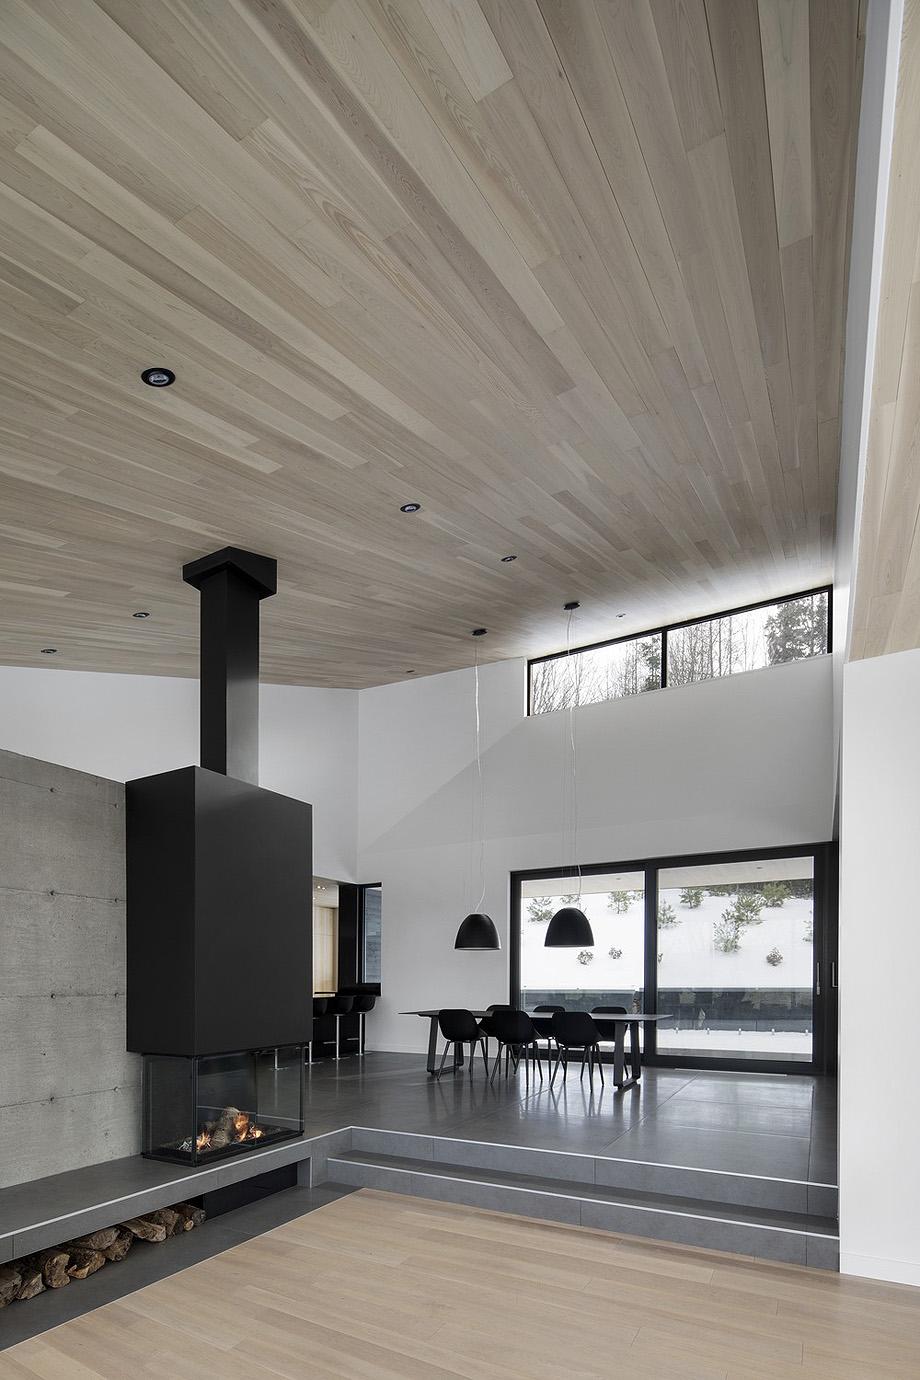 villa vingt de bourgeois lechasseur architects (8)